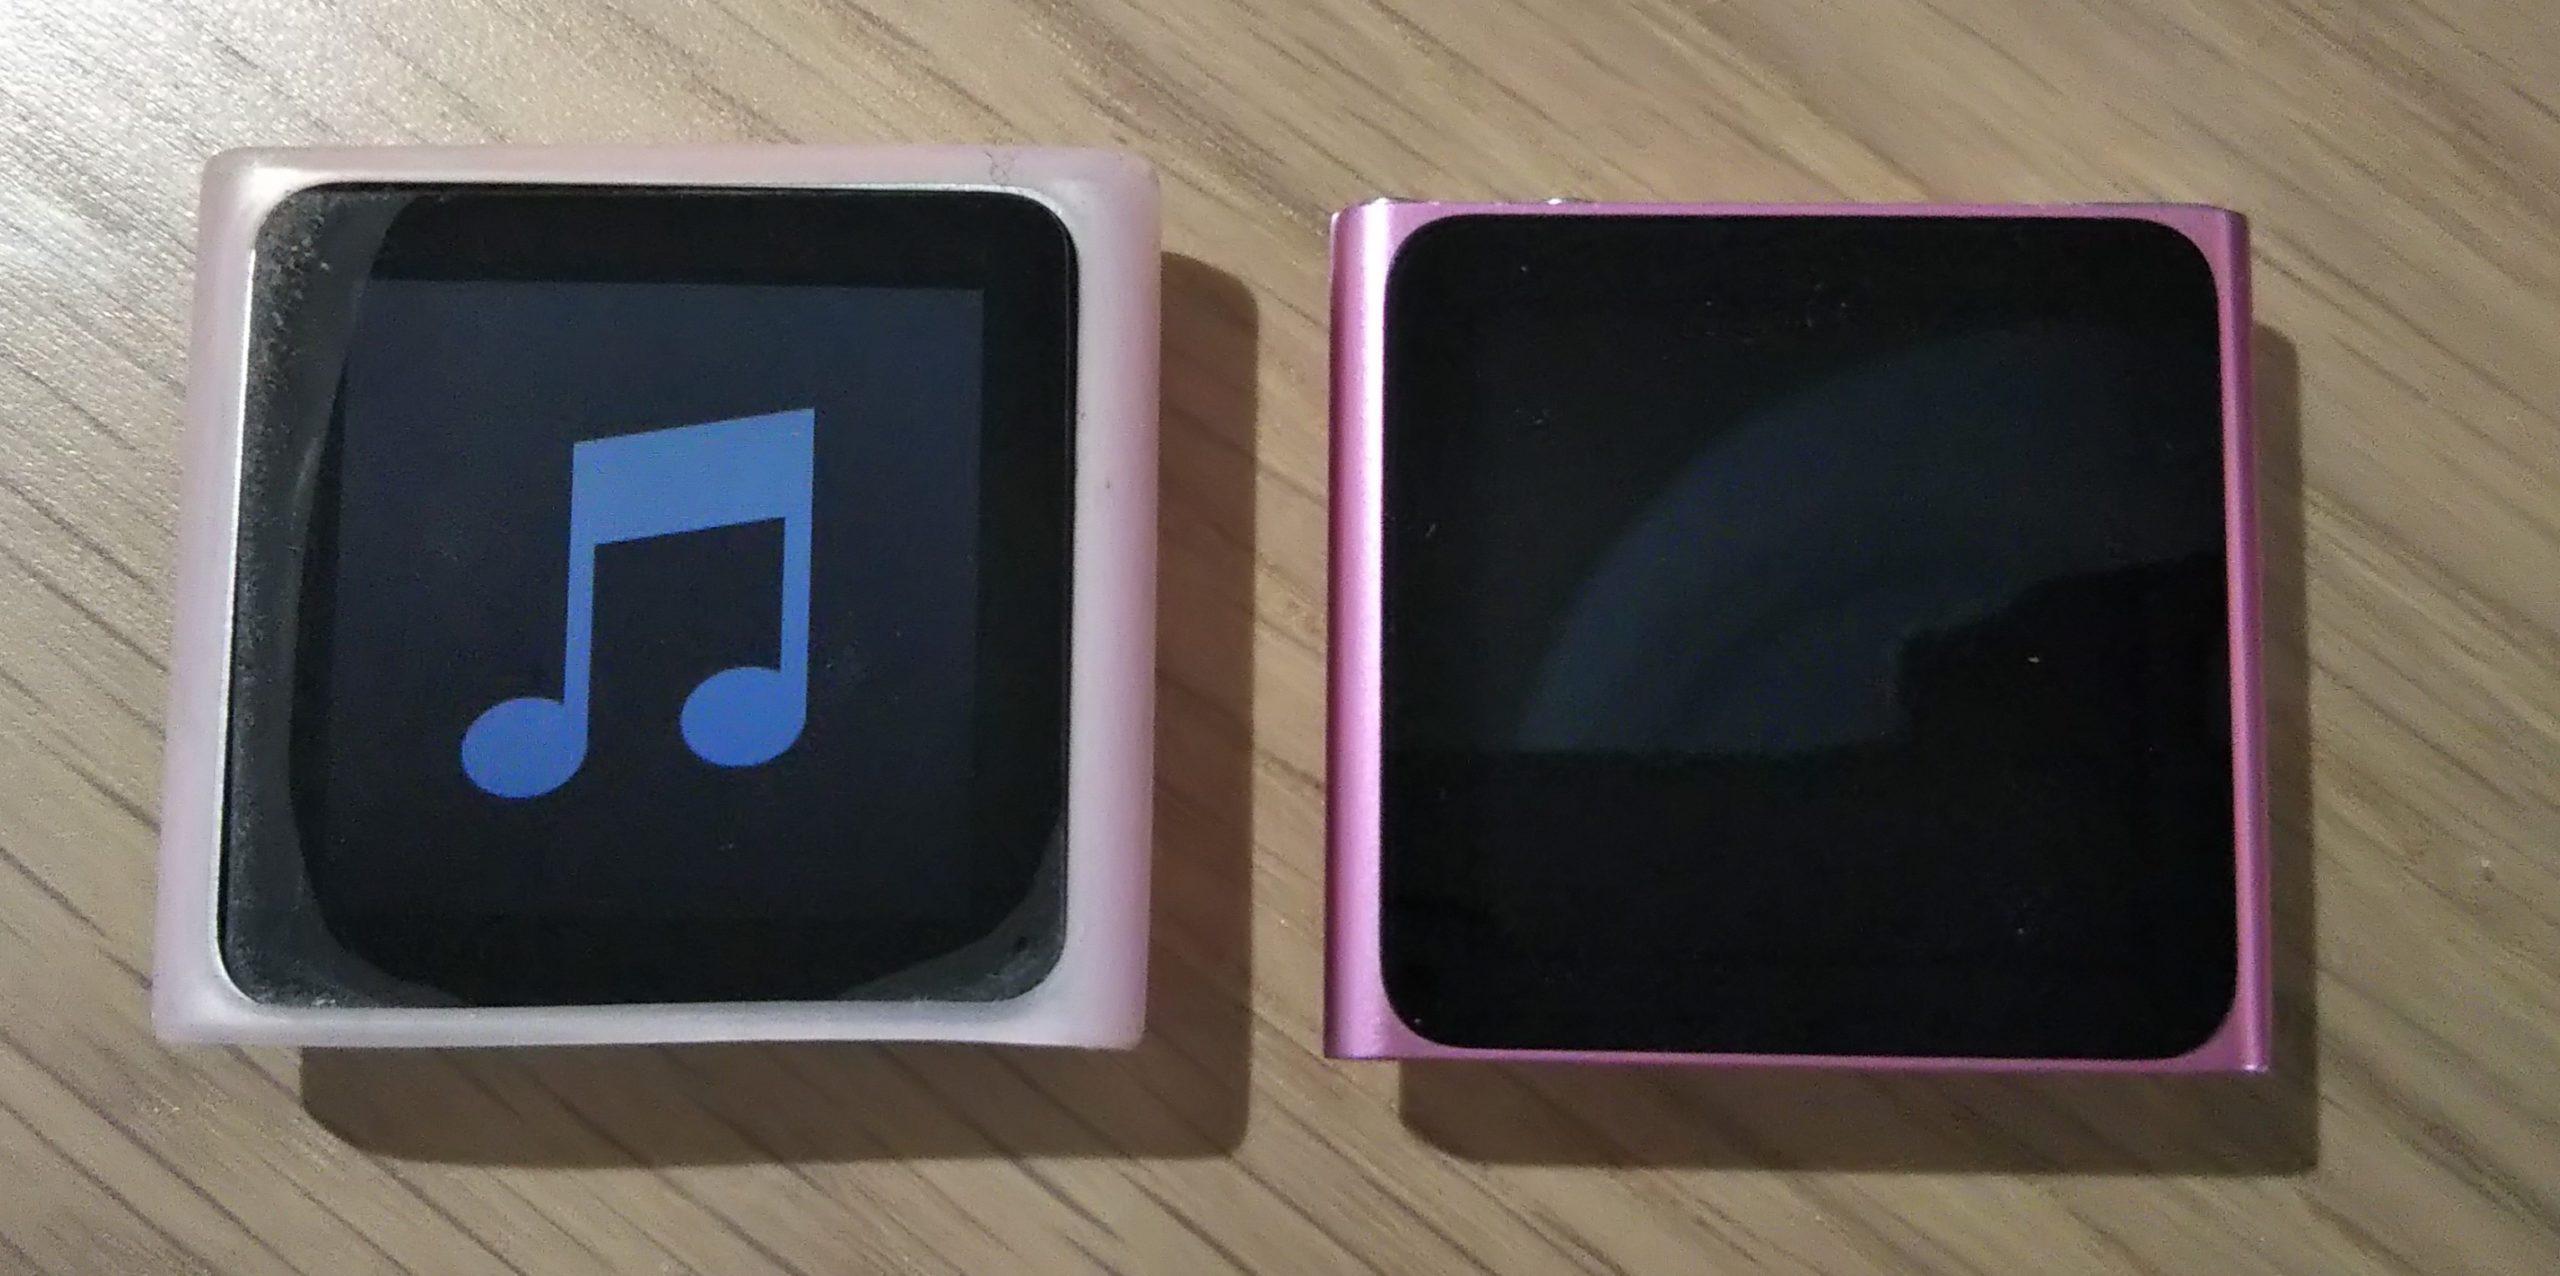 iPod選びに困っています